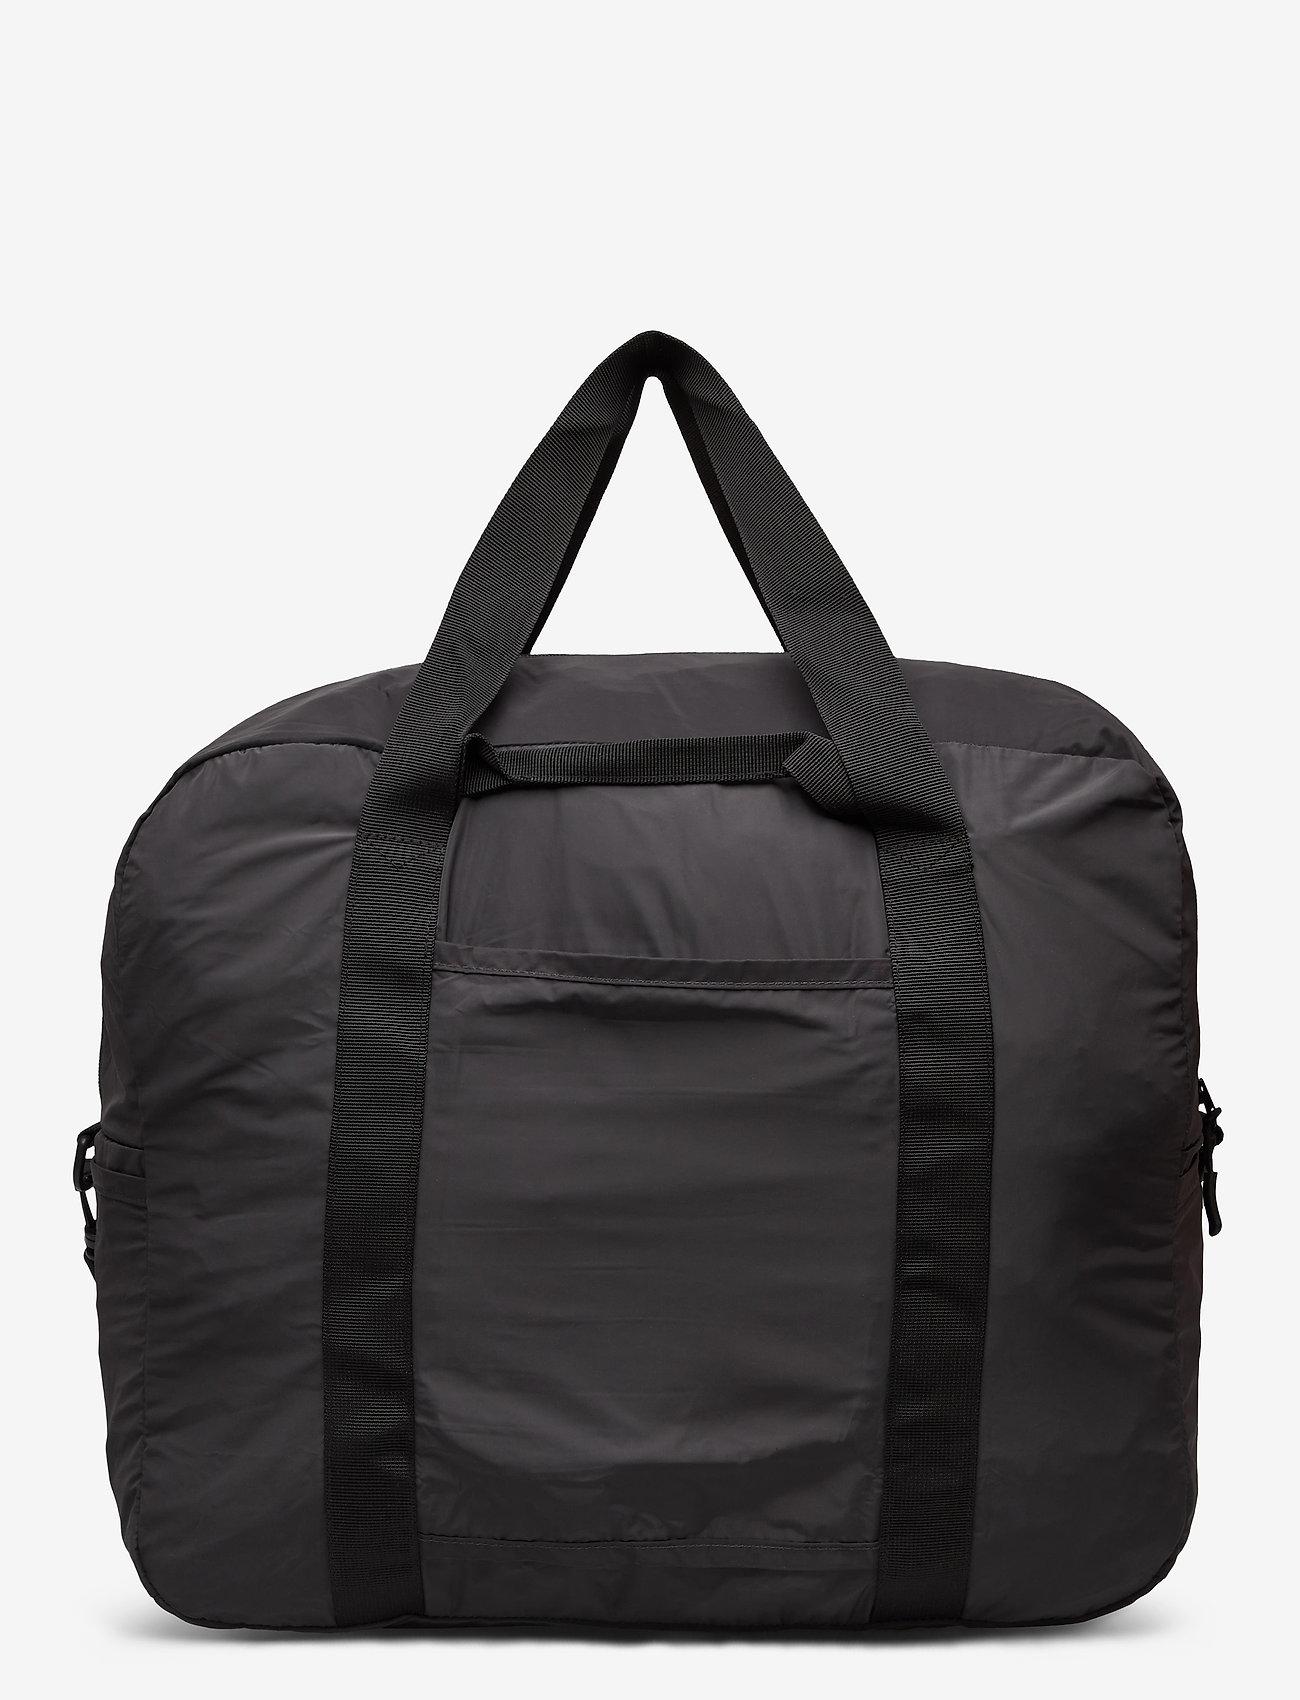 Max Mara Leisure - NARVA - torby podróżne i torby gimnastyczne - dark grey - 1